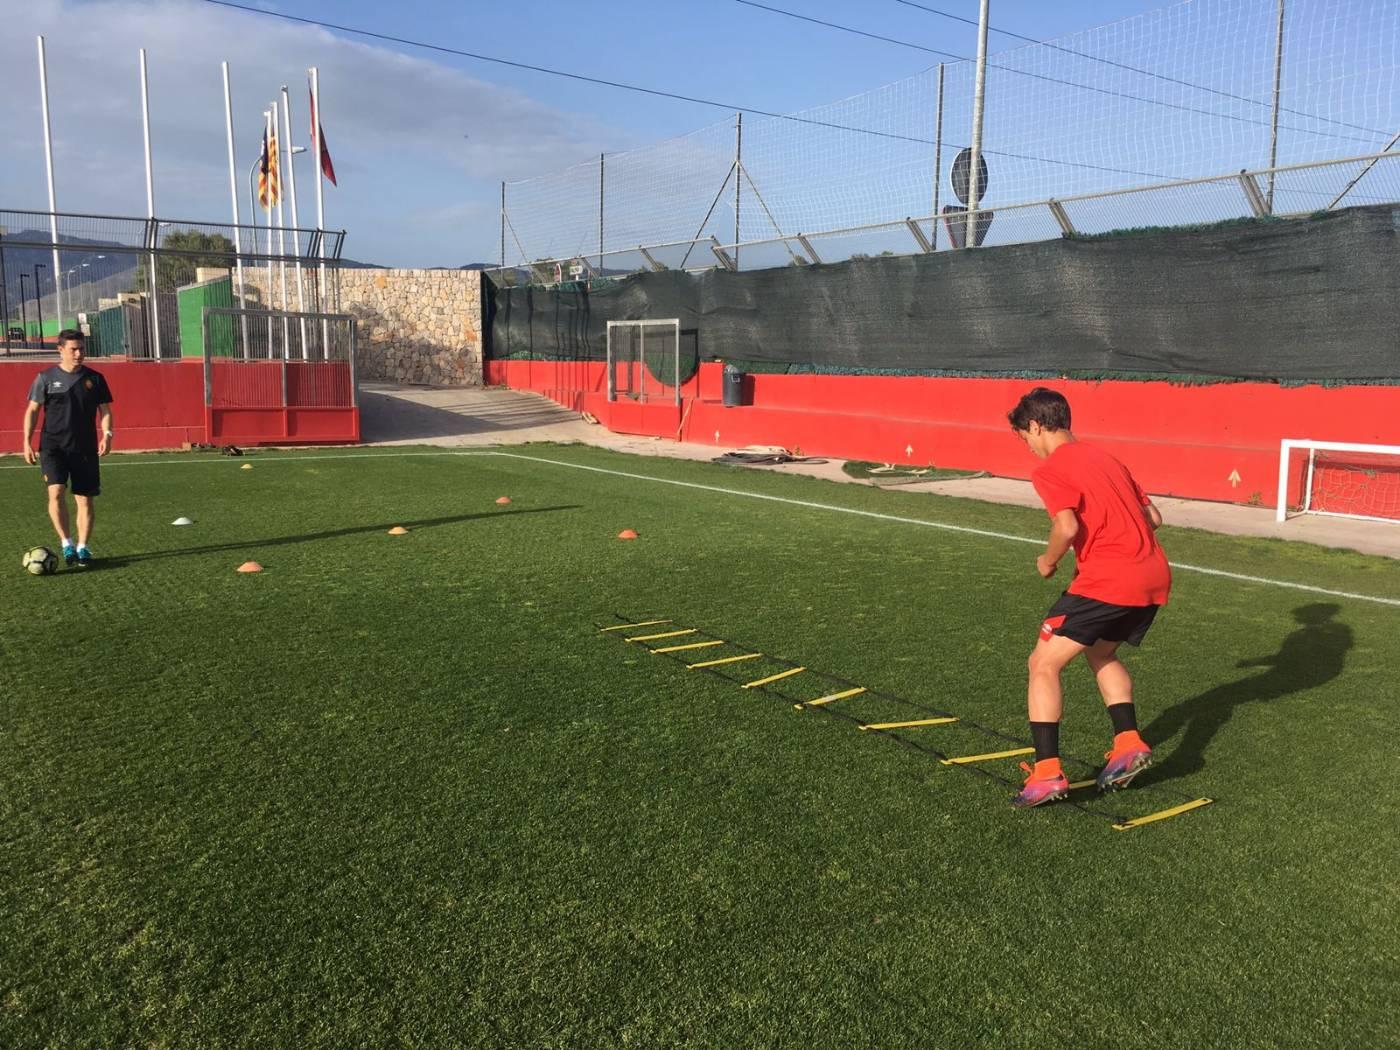 Miquel Àngel Rosselló, graduat en CAFE per l'Escola Universitària de la Salut i l'Esport, a la Lliga de Futbol Professional com a readaptador de lesions del Mallorca